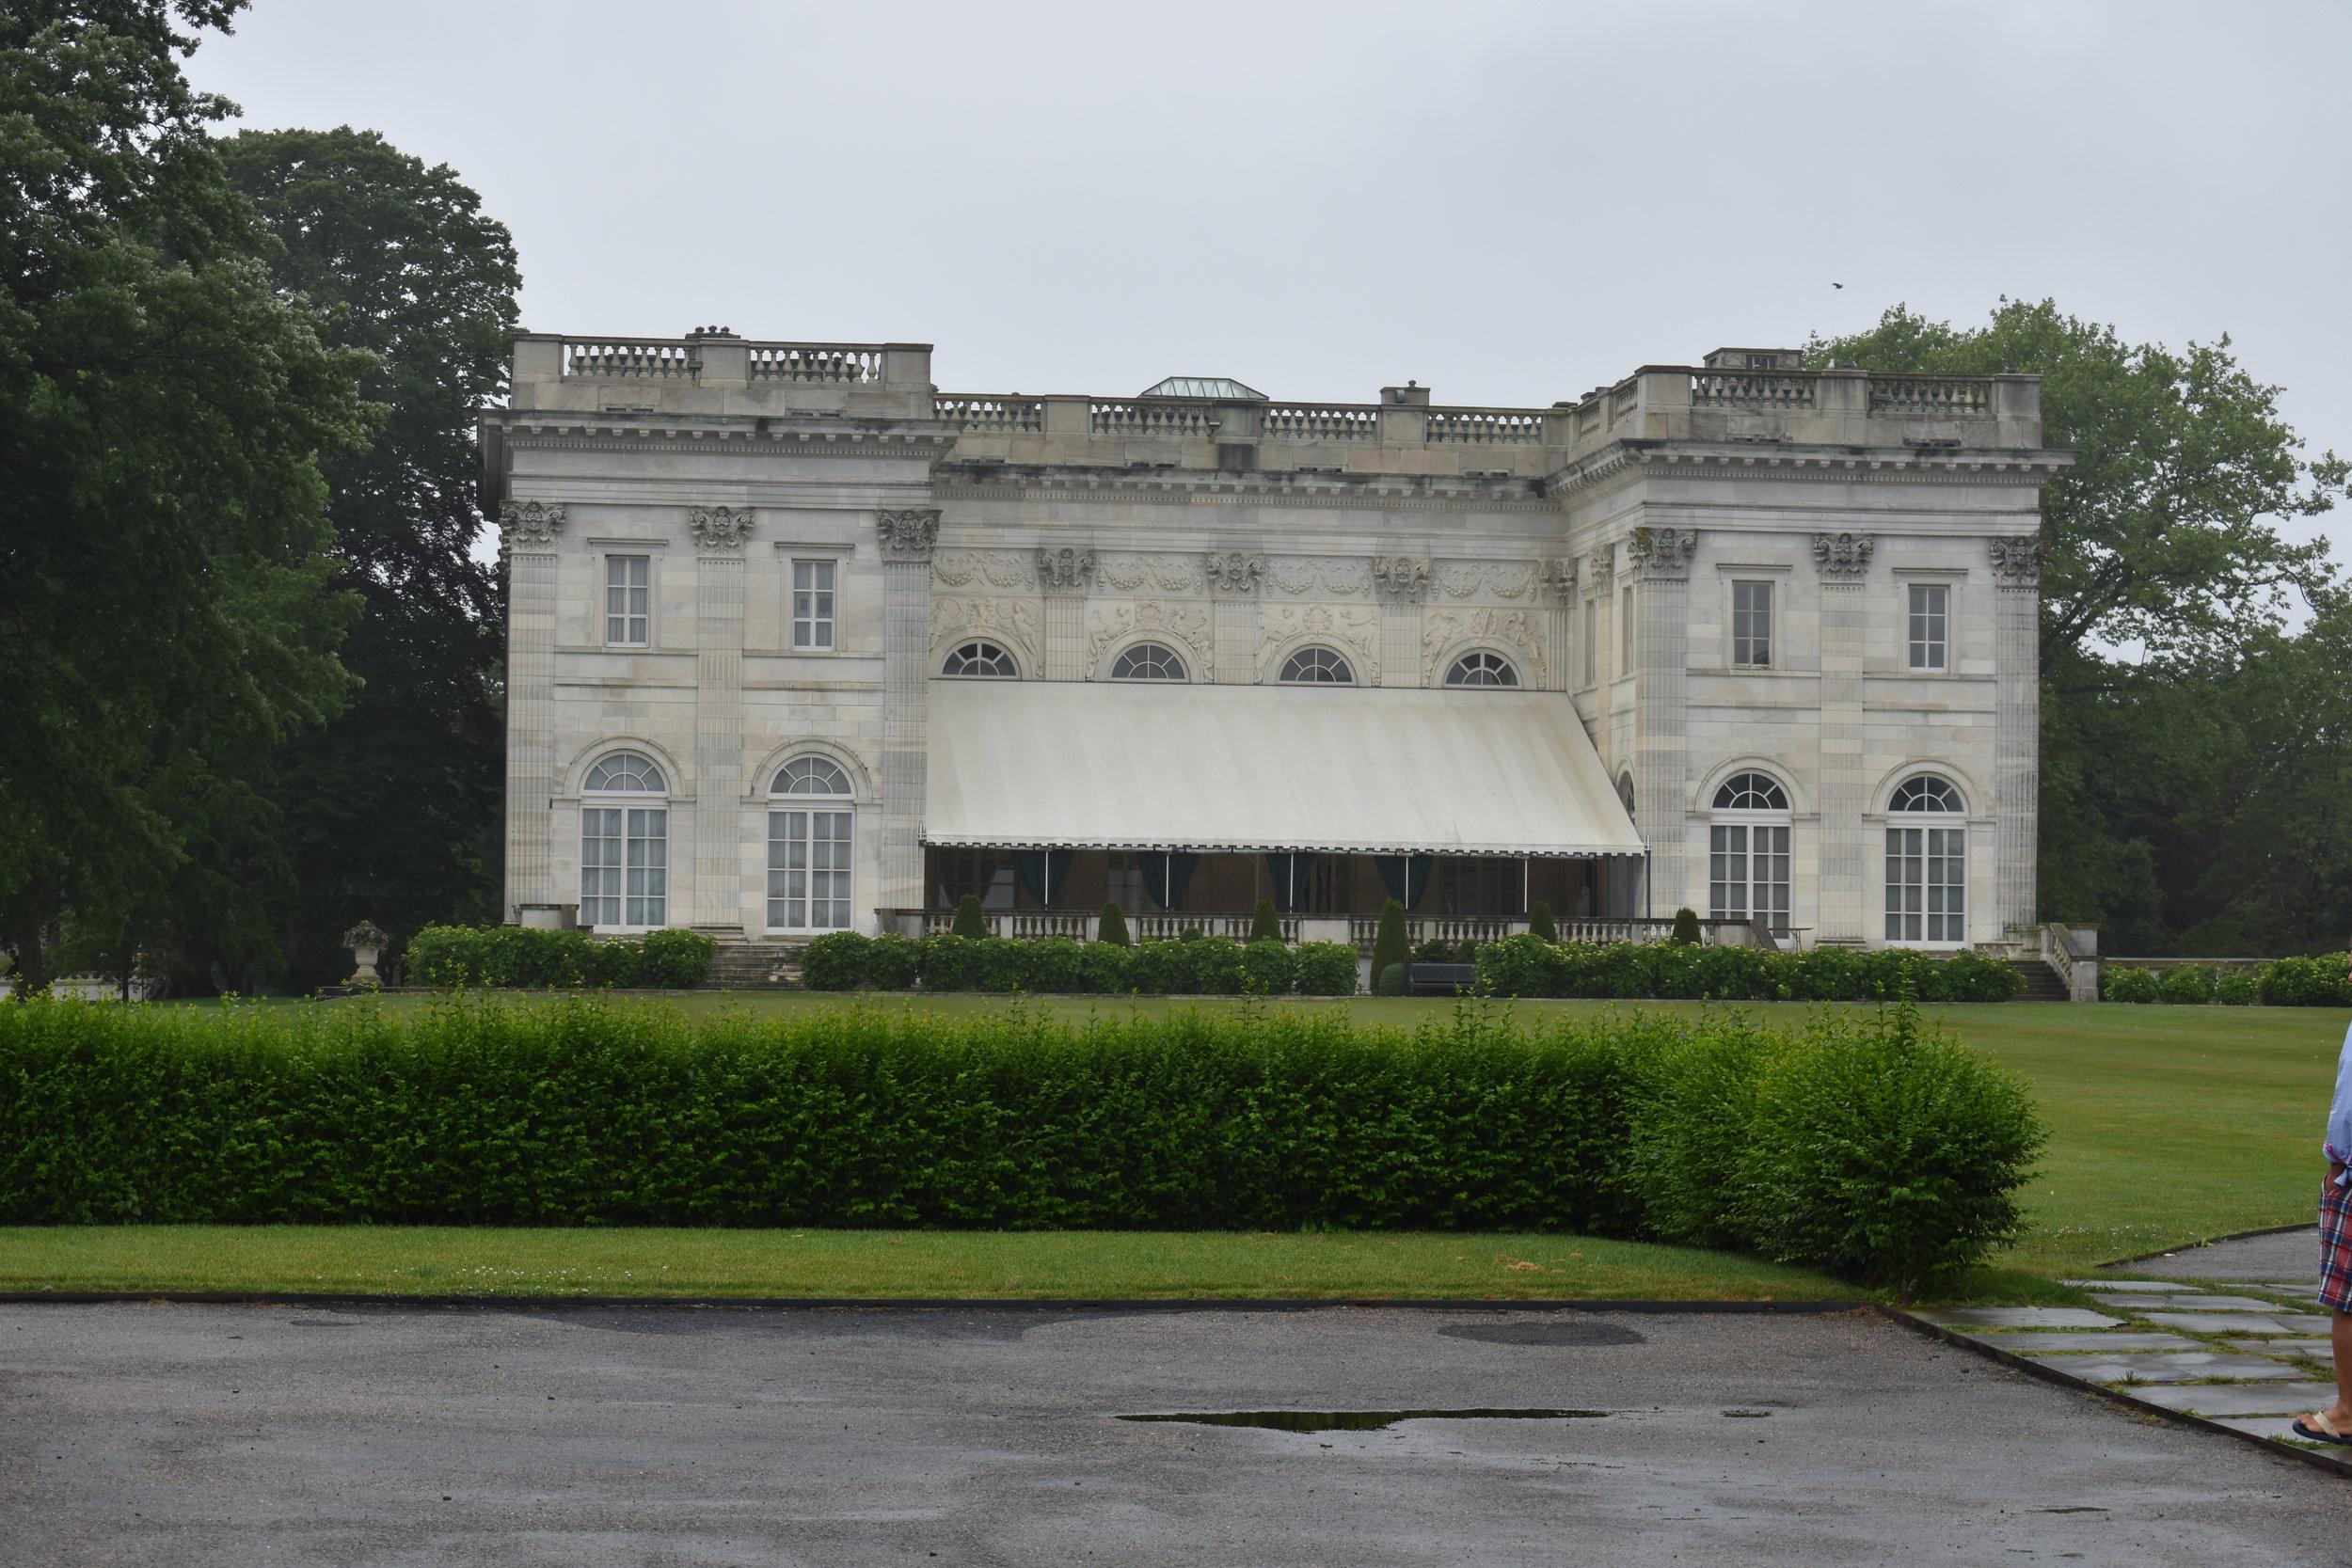 Os fundos da Marble House, considerada pequena para os padrões da região